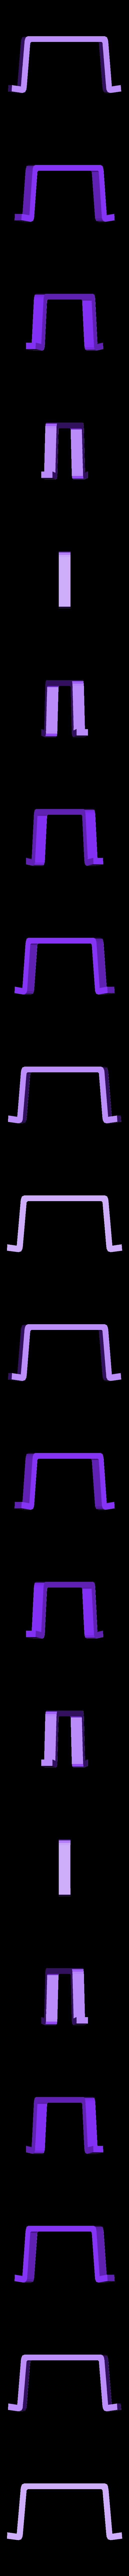 T-34-76 - skirt_addon-holder.stl Télécharger fichier STL T-34/76 pour l'assemblage, avec voies mobiles • Objet pour imprimante 3D, c47